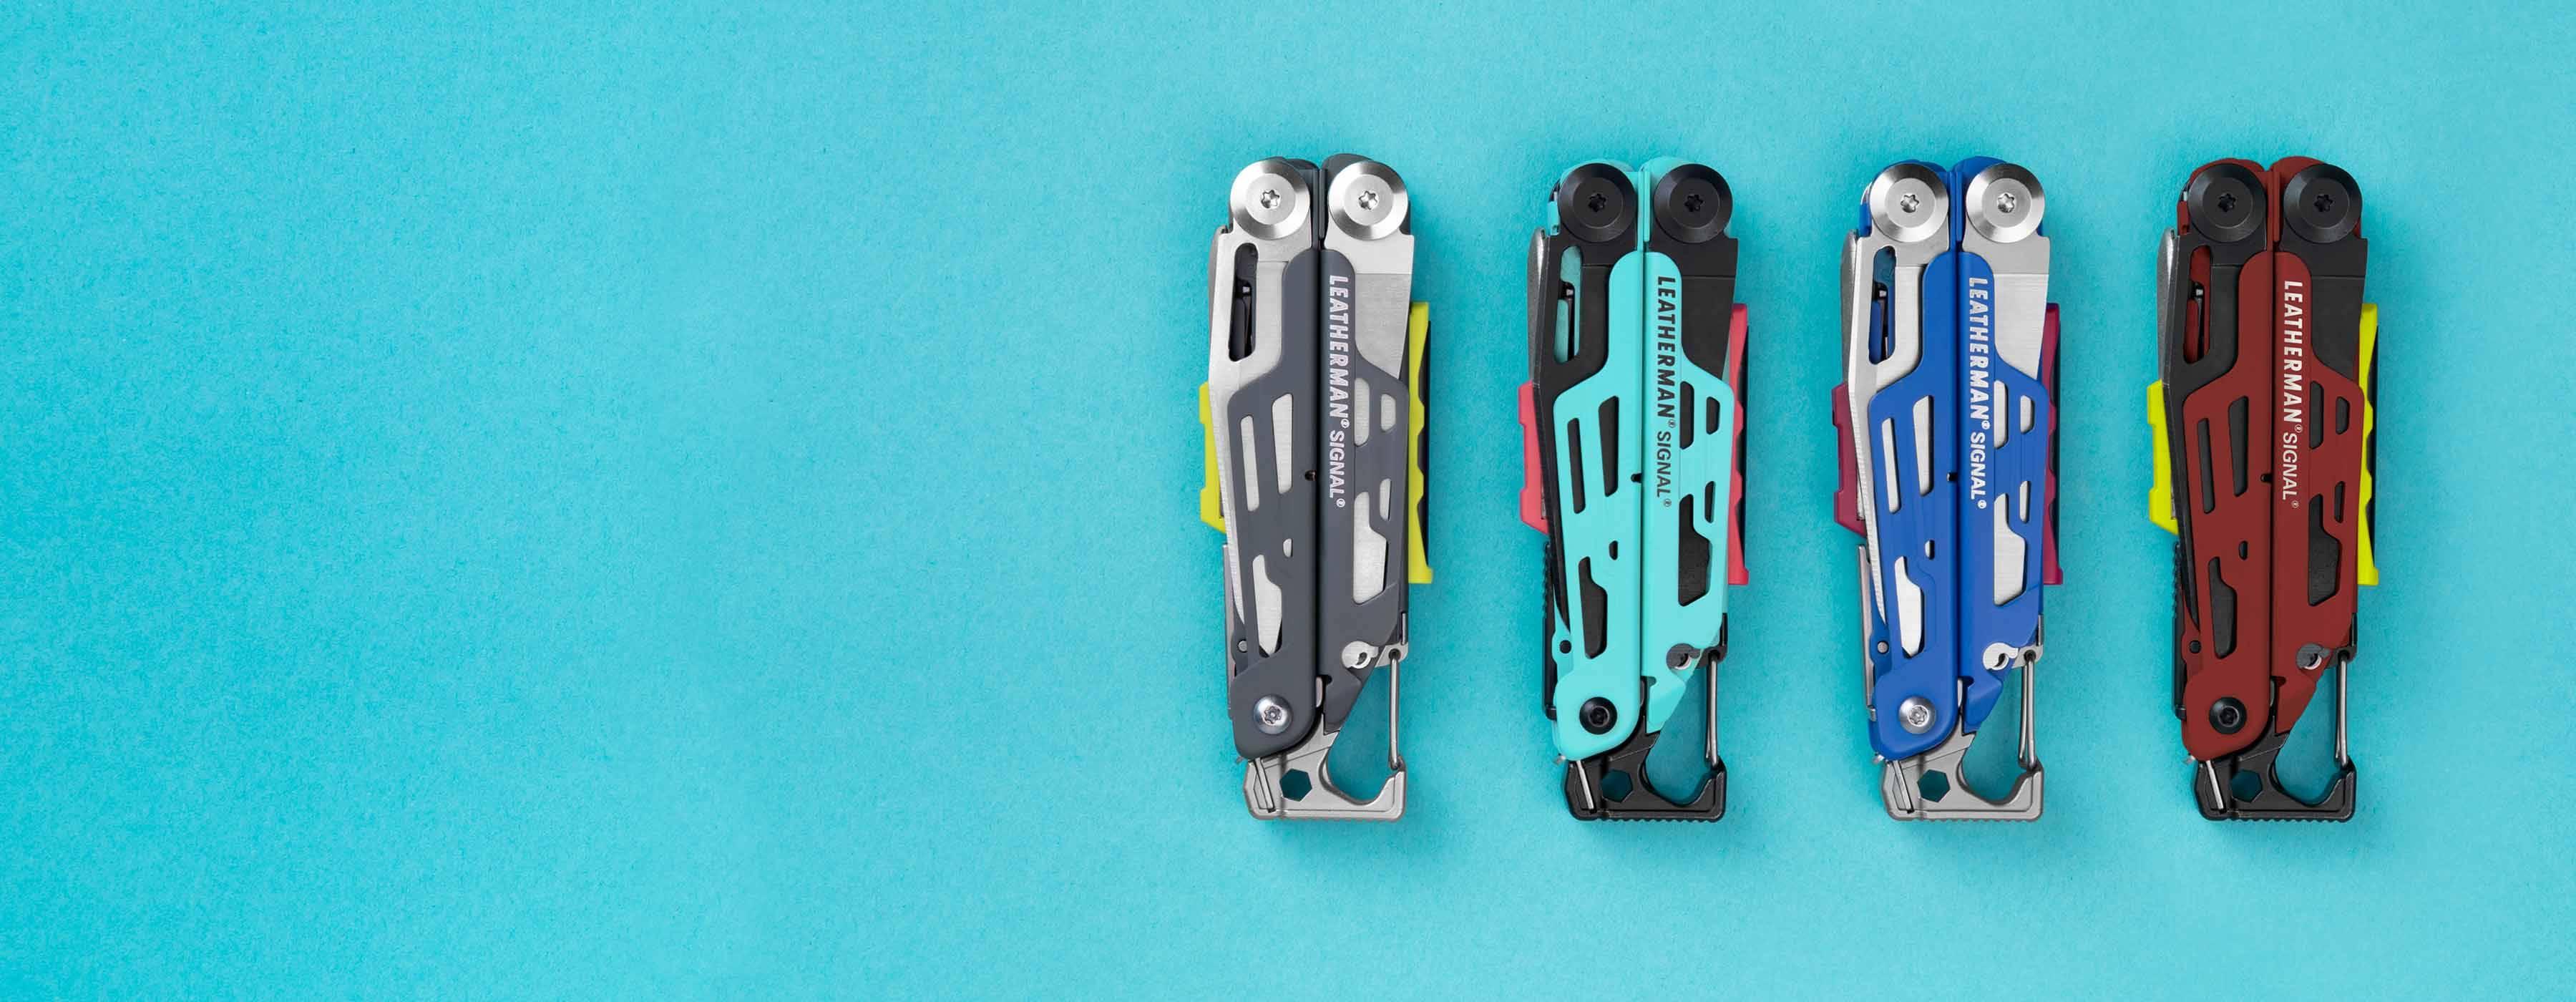 Nye værktøjer